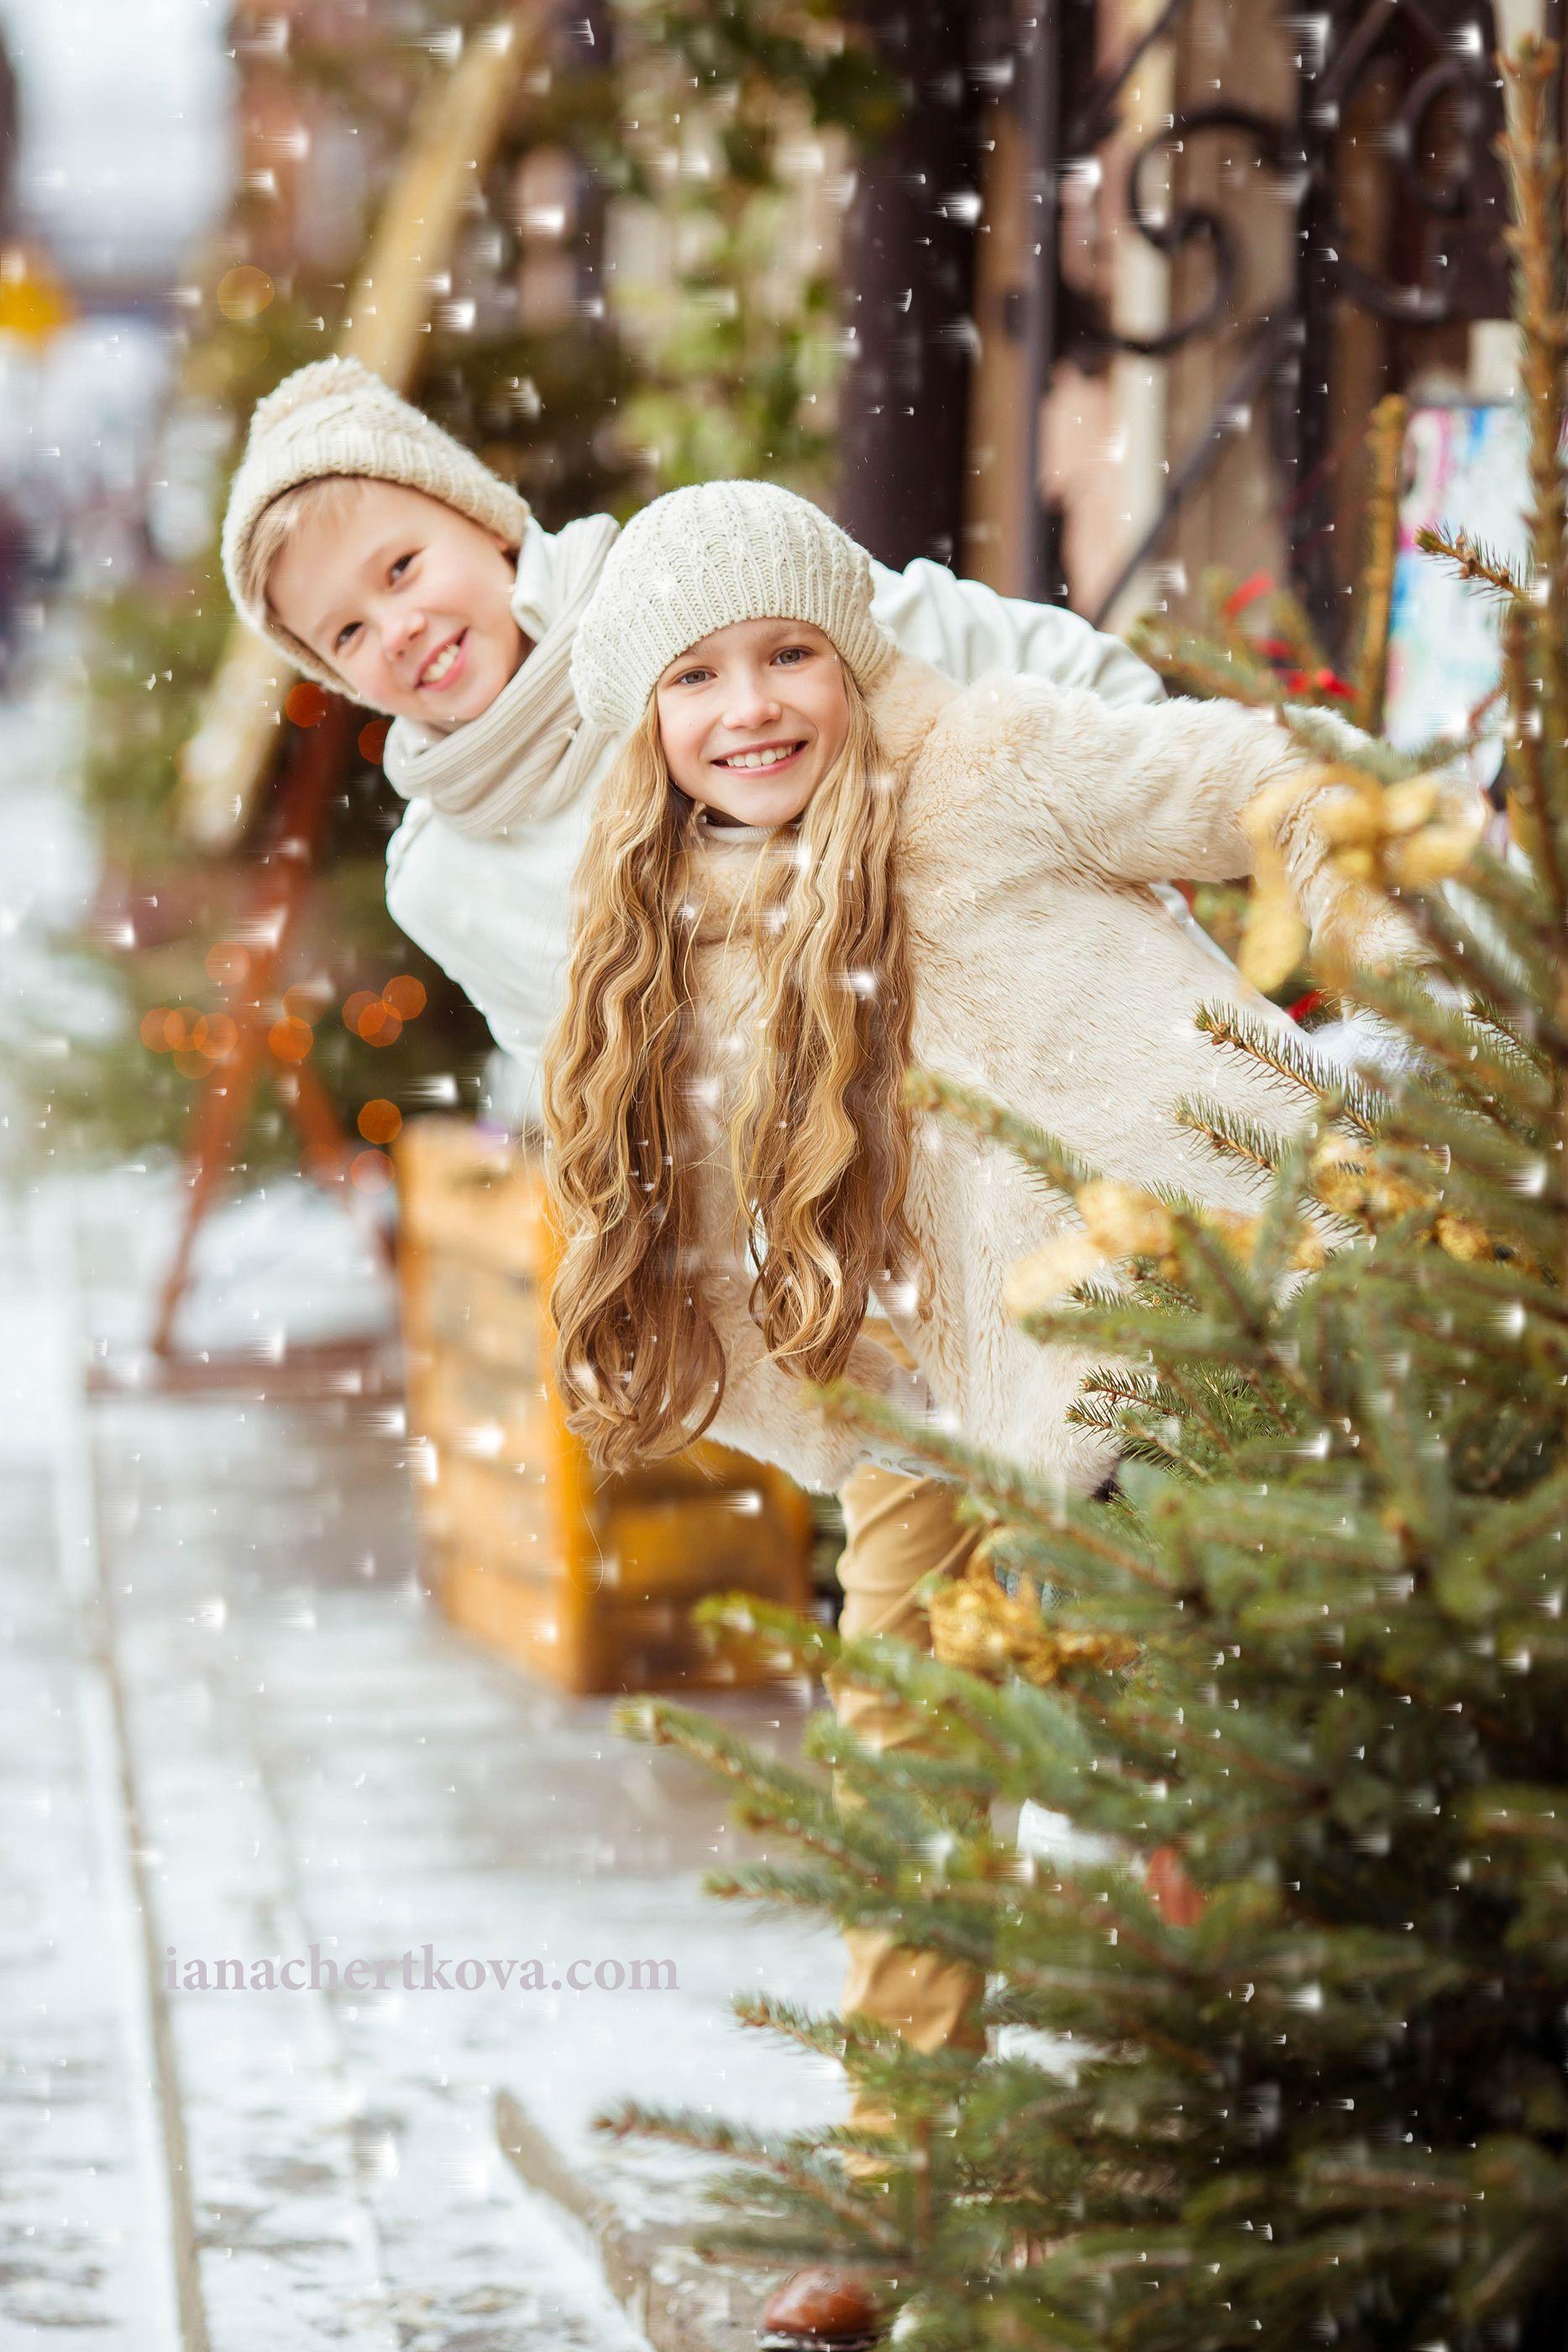 идеи для зимнего фото с детьми помещают водяную баню